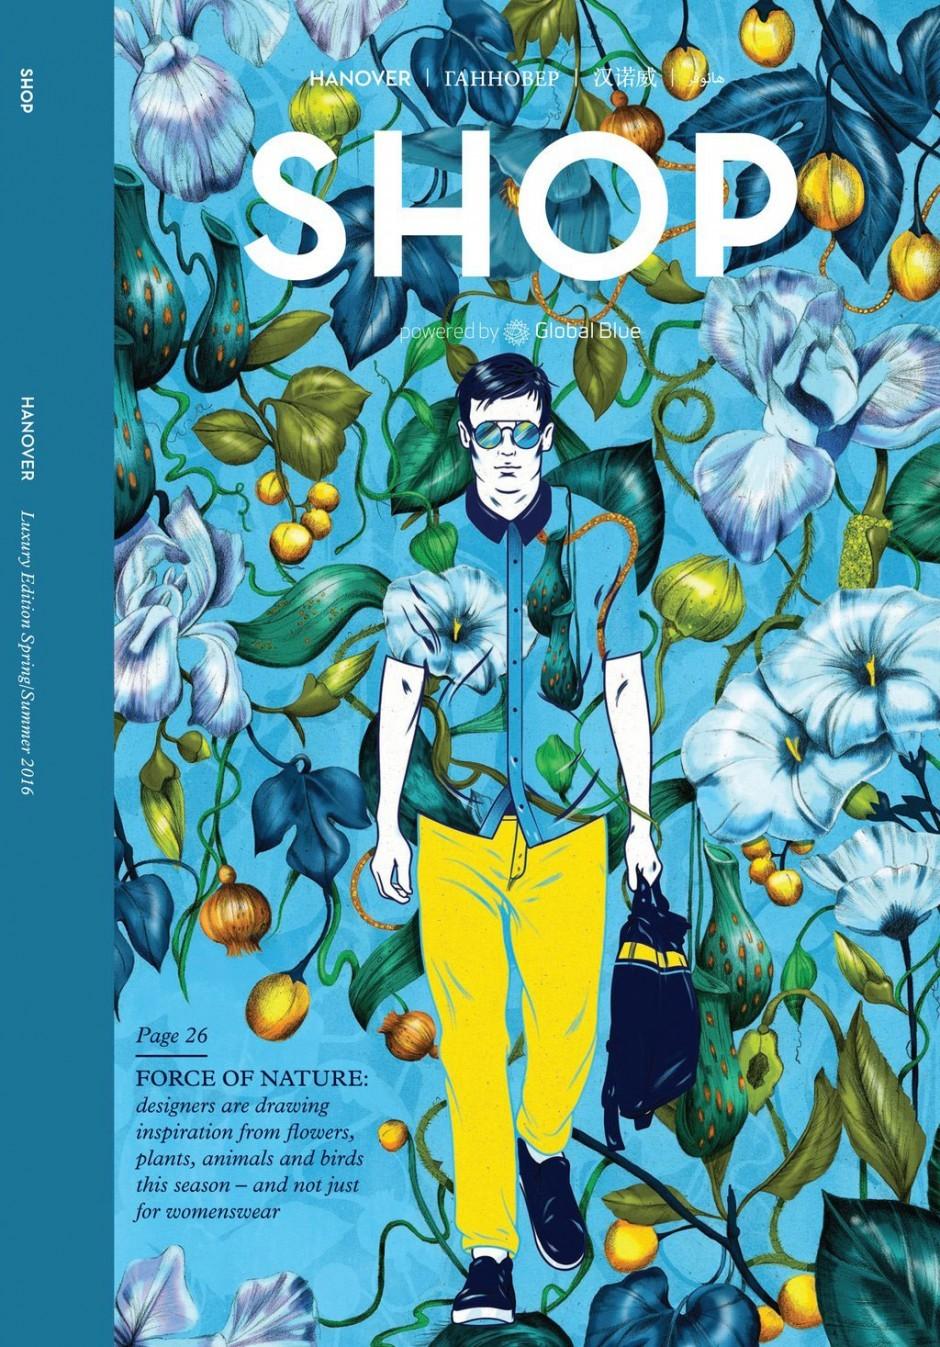 Die Illustratoren des australischen Kreativstudios UNA sorgten hier für einen blumigen Look. www.weareuna.com